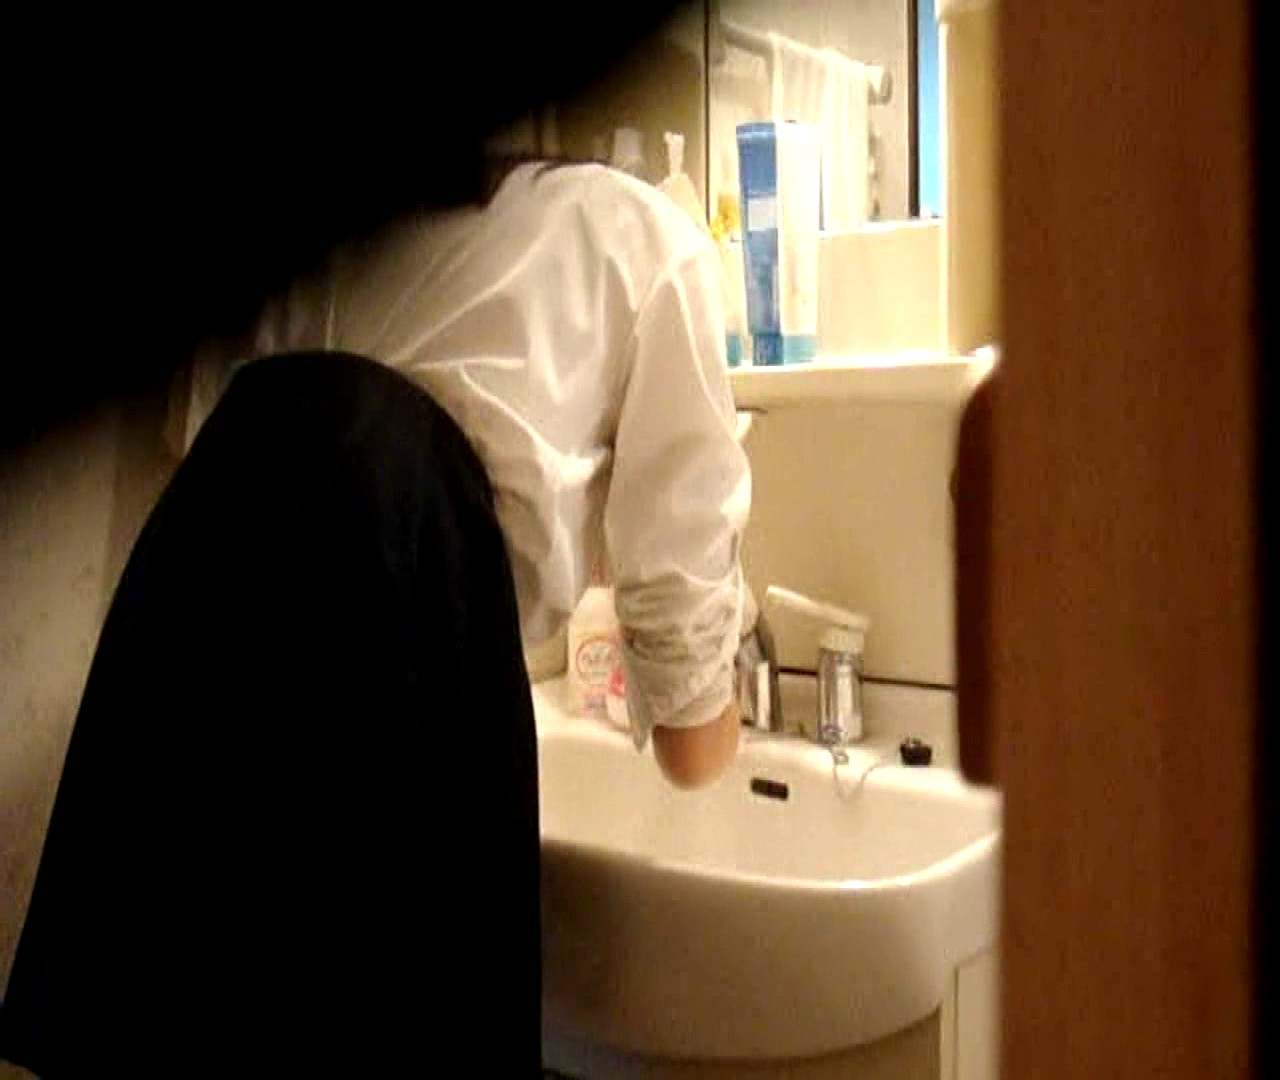 vol.5 まどかが帰宅後の洗顔後にブラを洗ってます。 いじくり  75PIX 47